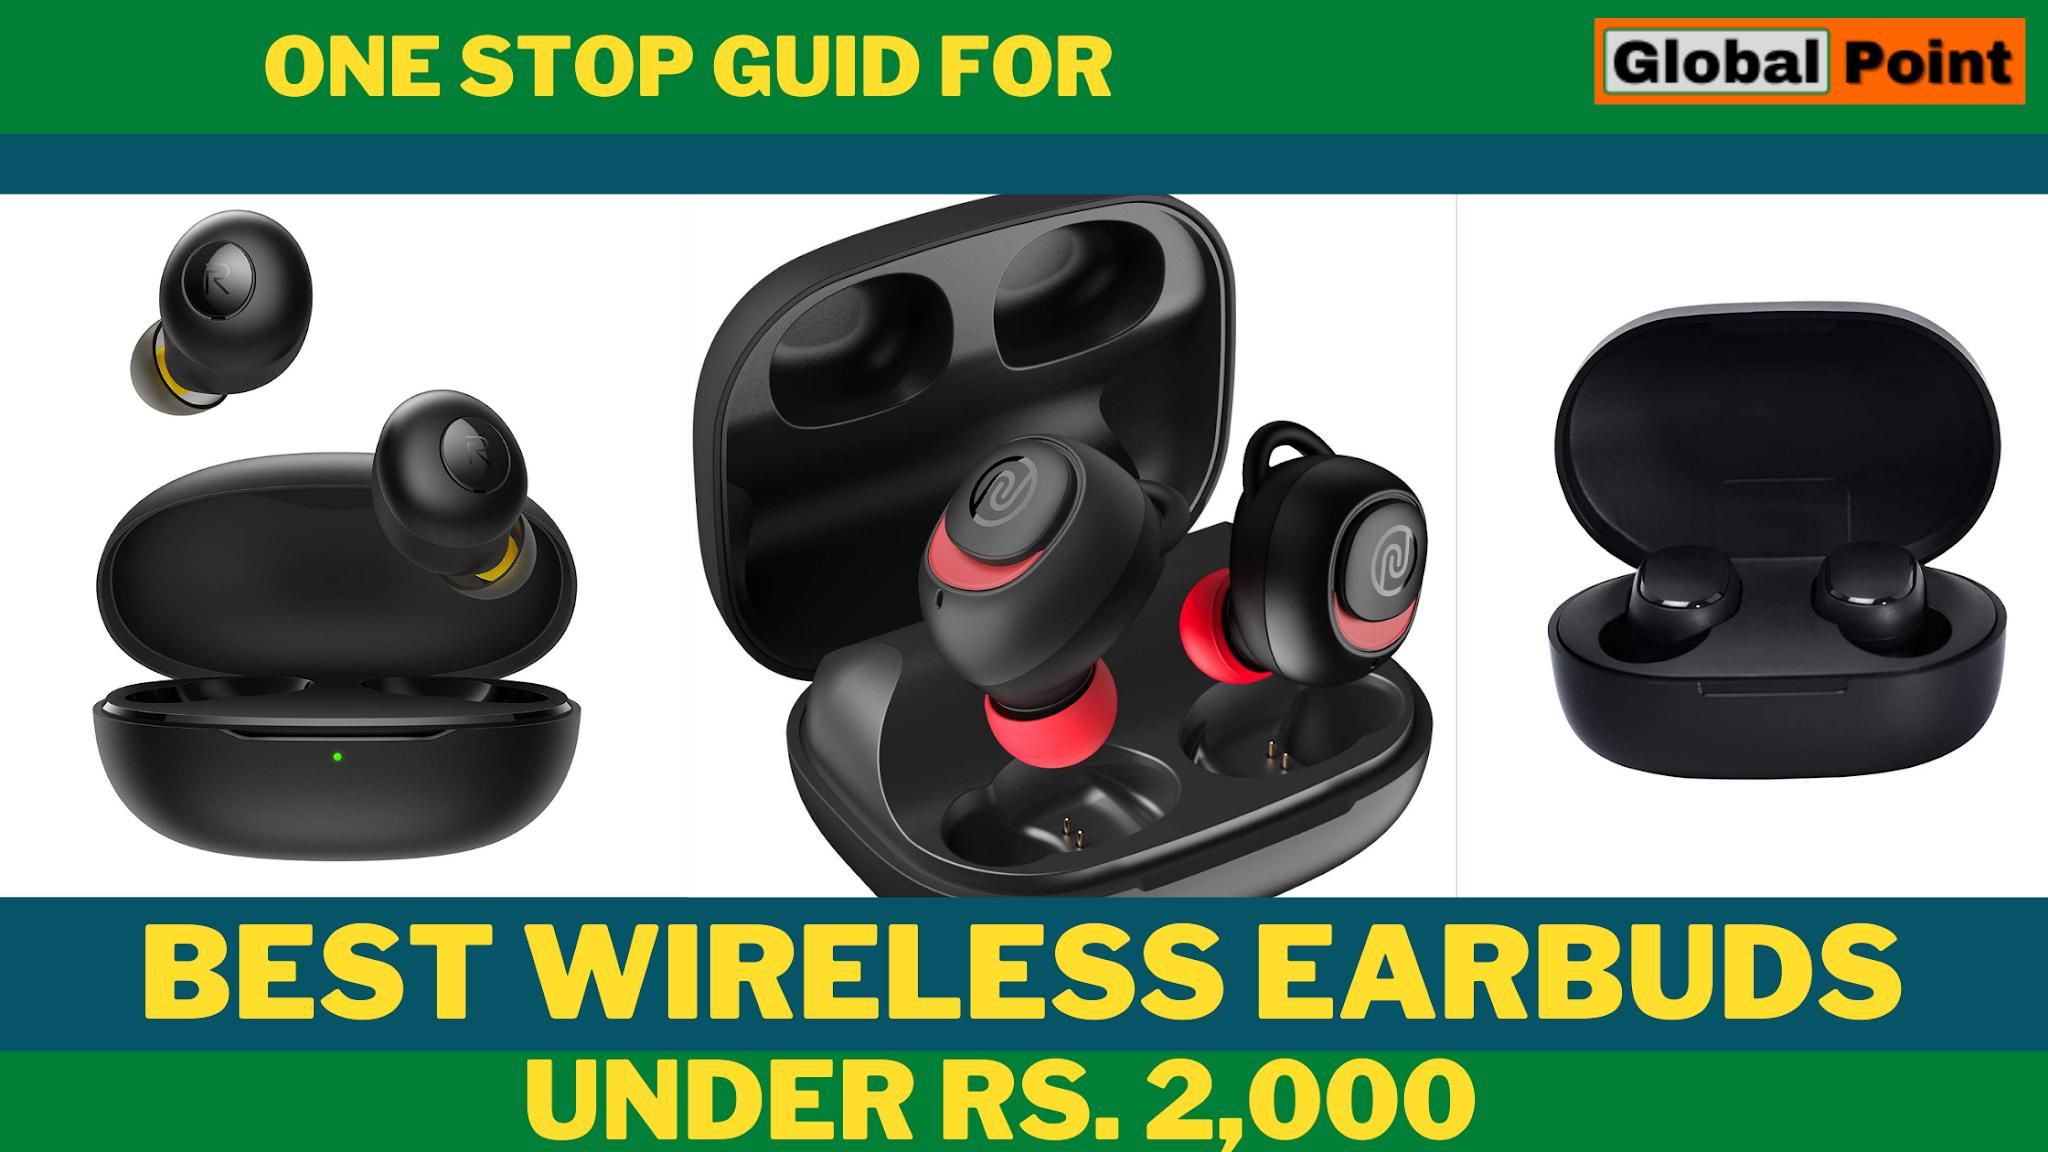 Best true wireless earbuds under Rs 2,000